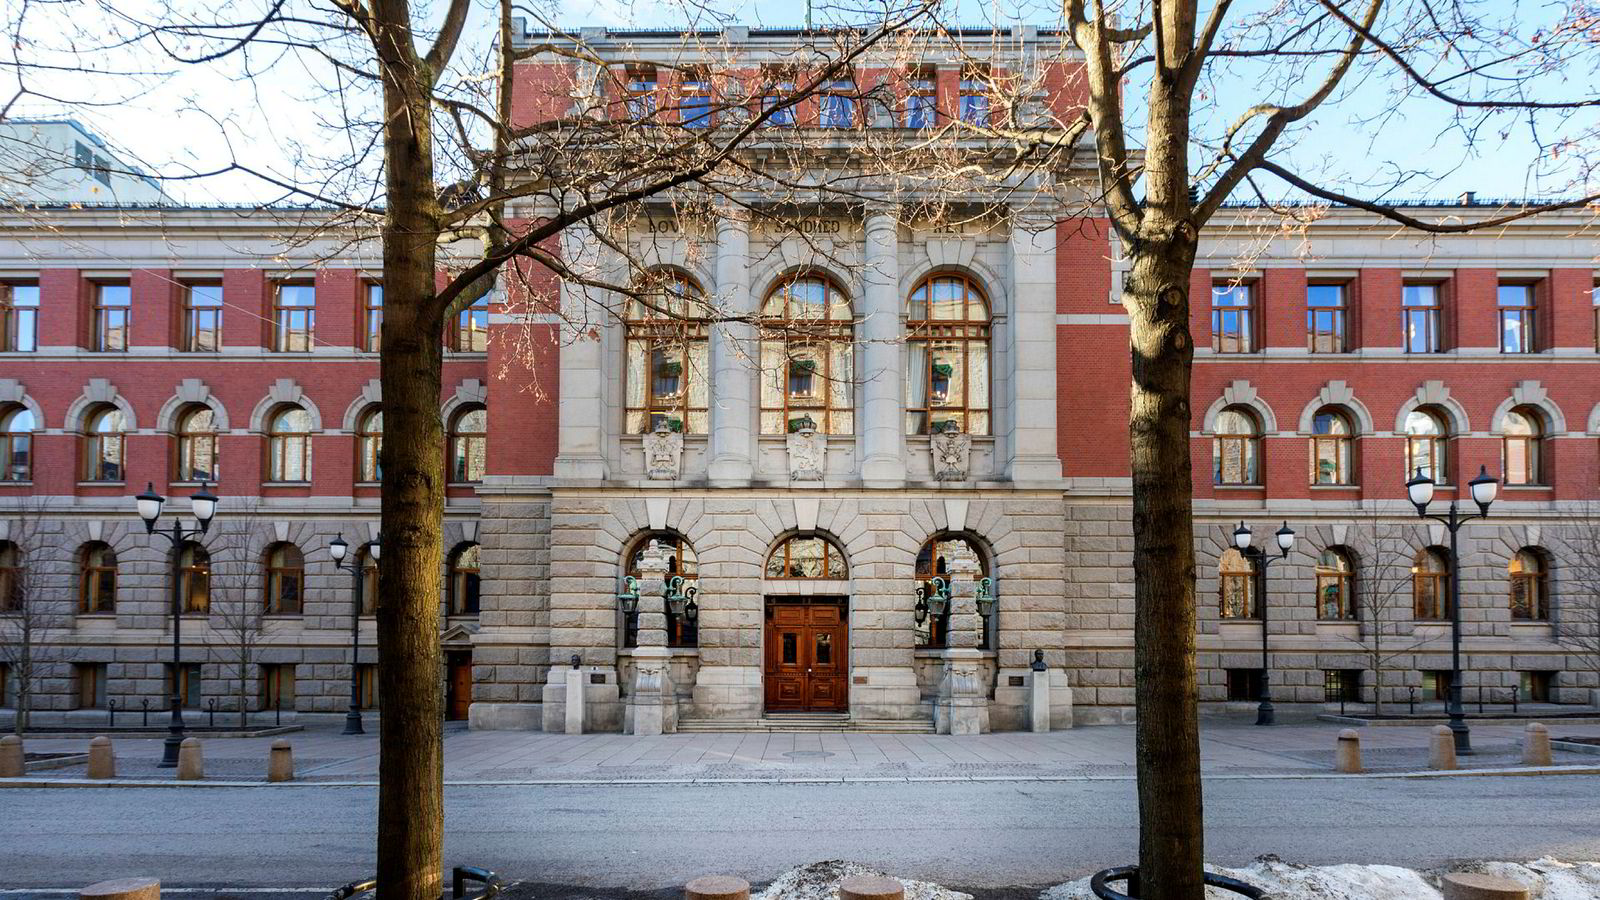 Høyesteretts gjennomgang av saksbehandlingen ved nedbemanning er grundig og svært viktig. Høyesterett sier at subjektive kriterier ikke kan tillegges vekt uten at dette «kan belegges med solid dokumentasjon», skriver artikkelforfatteren. Her fra Høyesteretts hus i Oslo sentrum.